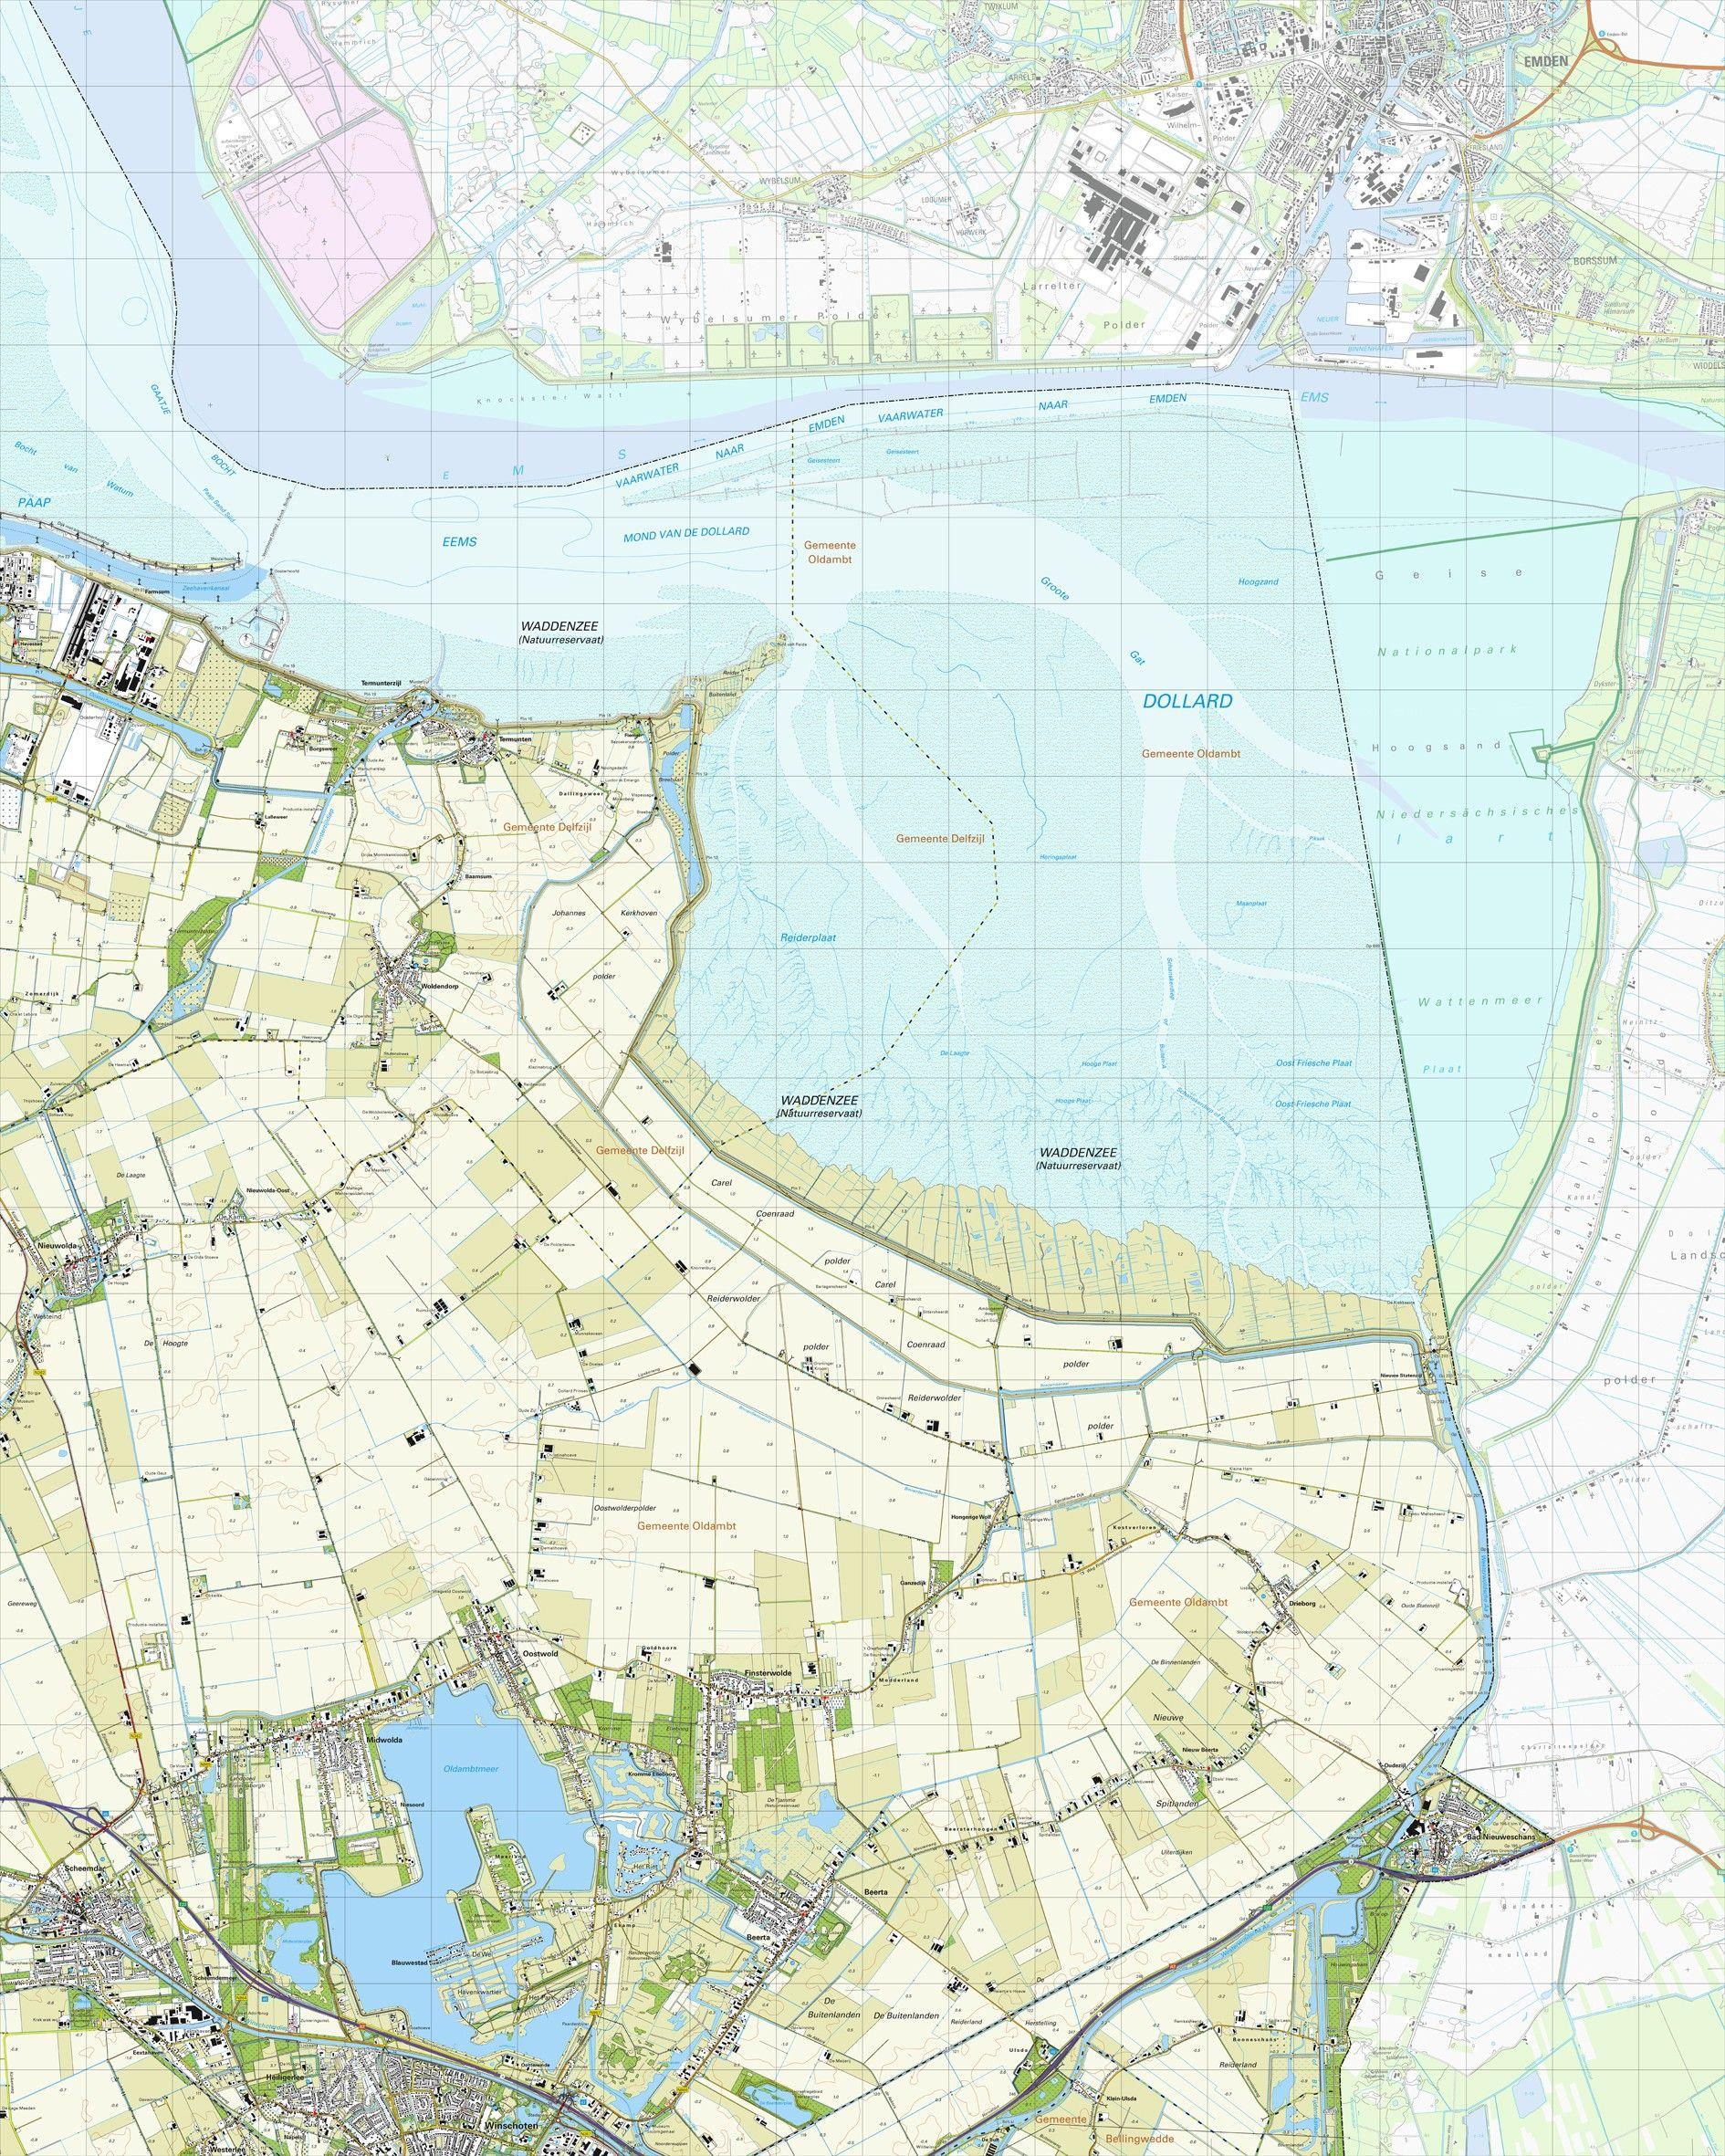 Topografische kaart schaal 1:25.000 (Termunten,Woldendorp,Winschoten,Beerta,Nieuweschans)